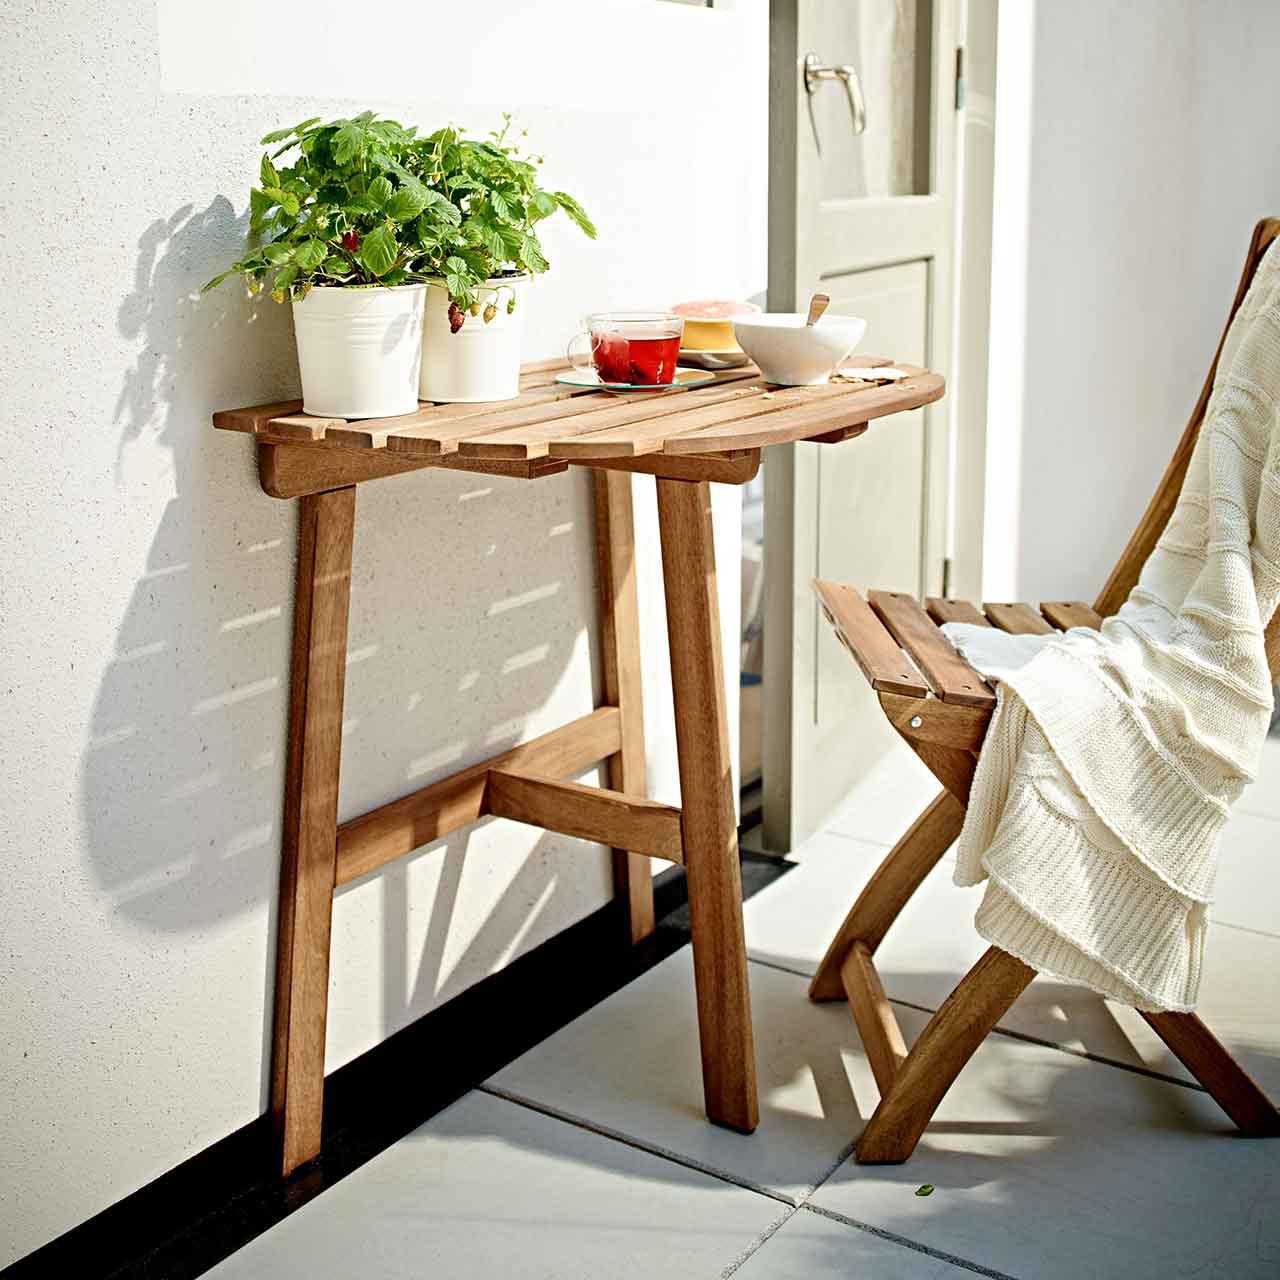 Столик на балконе: 3 симпатичные идеи